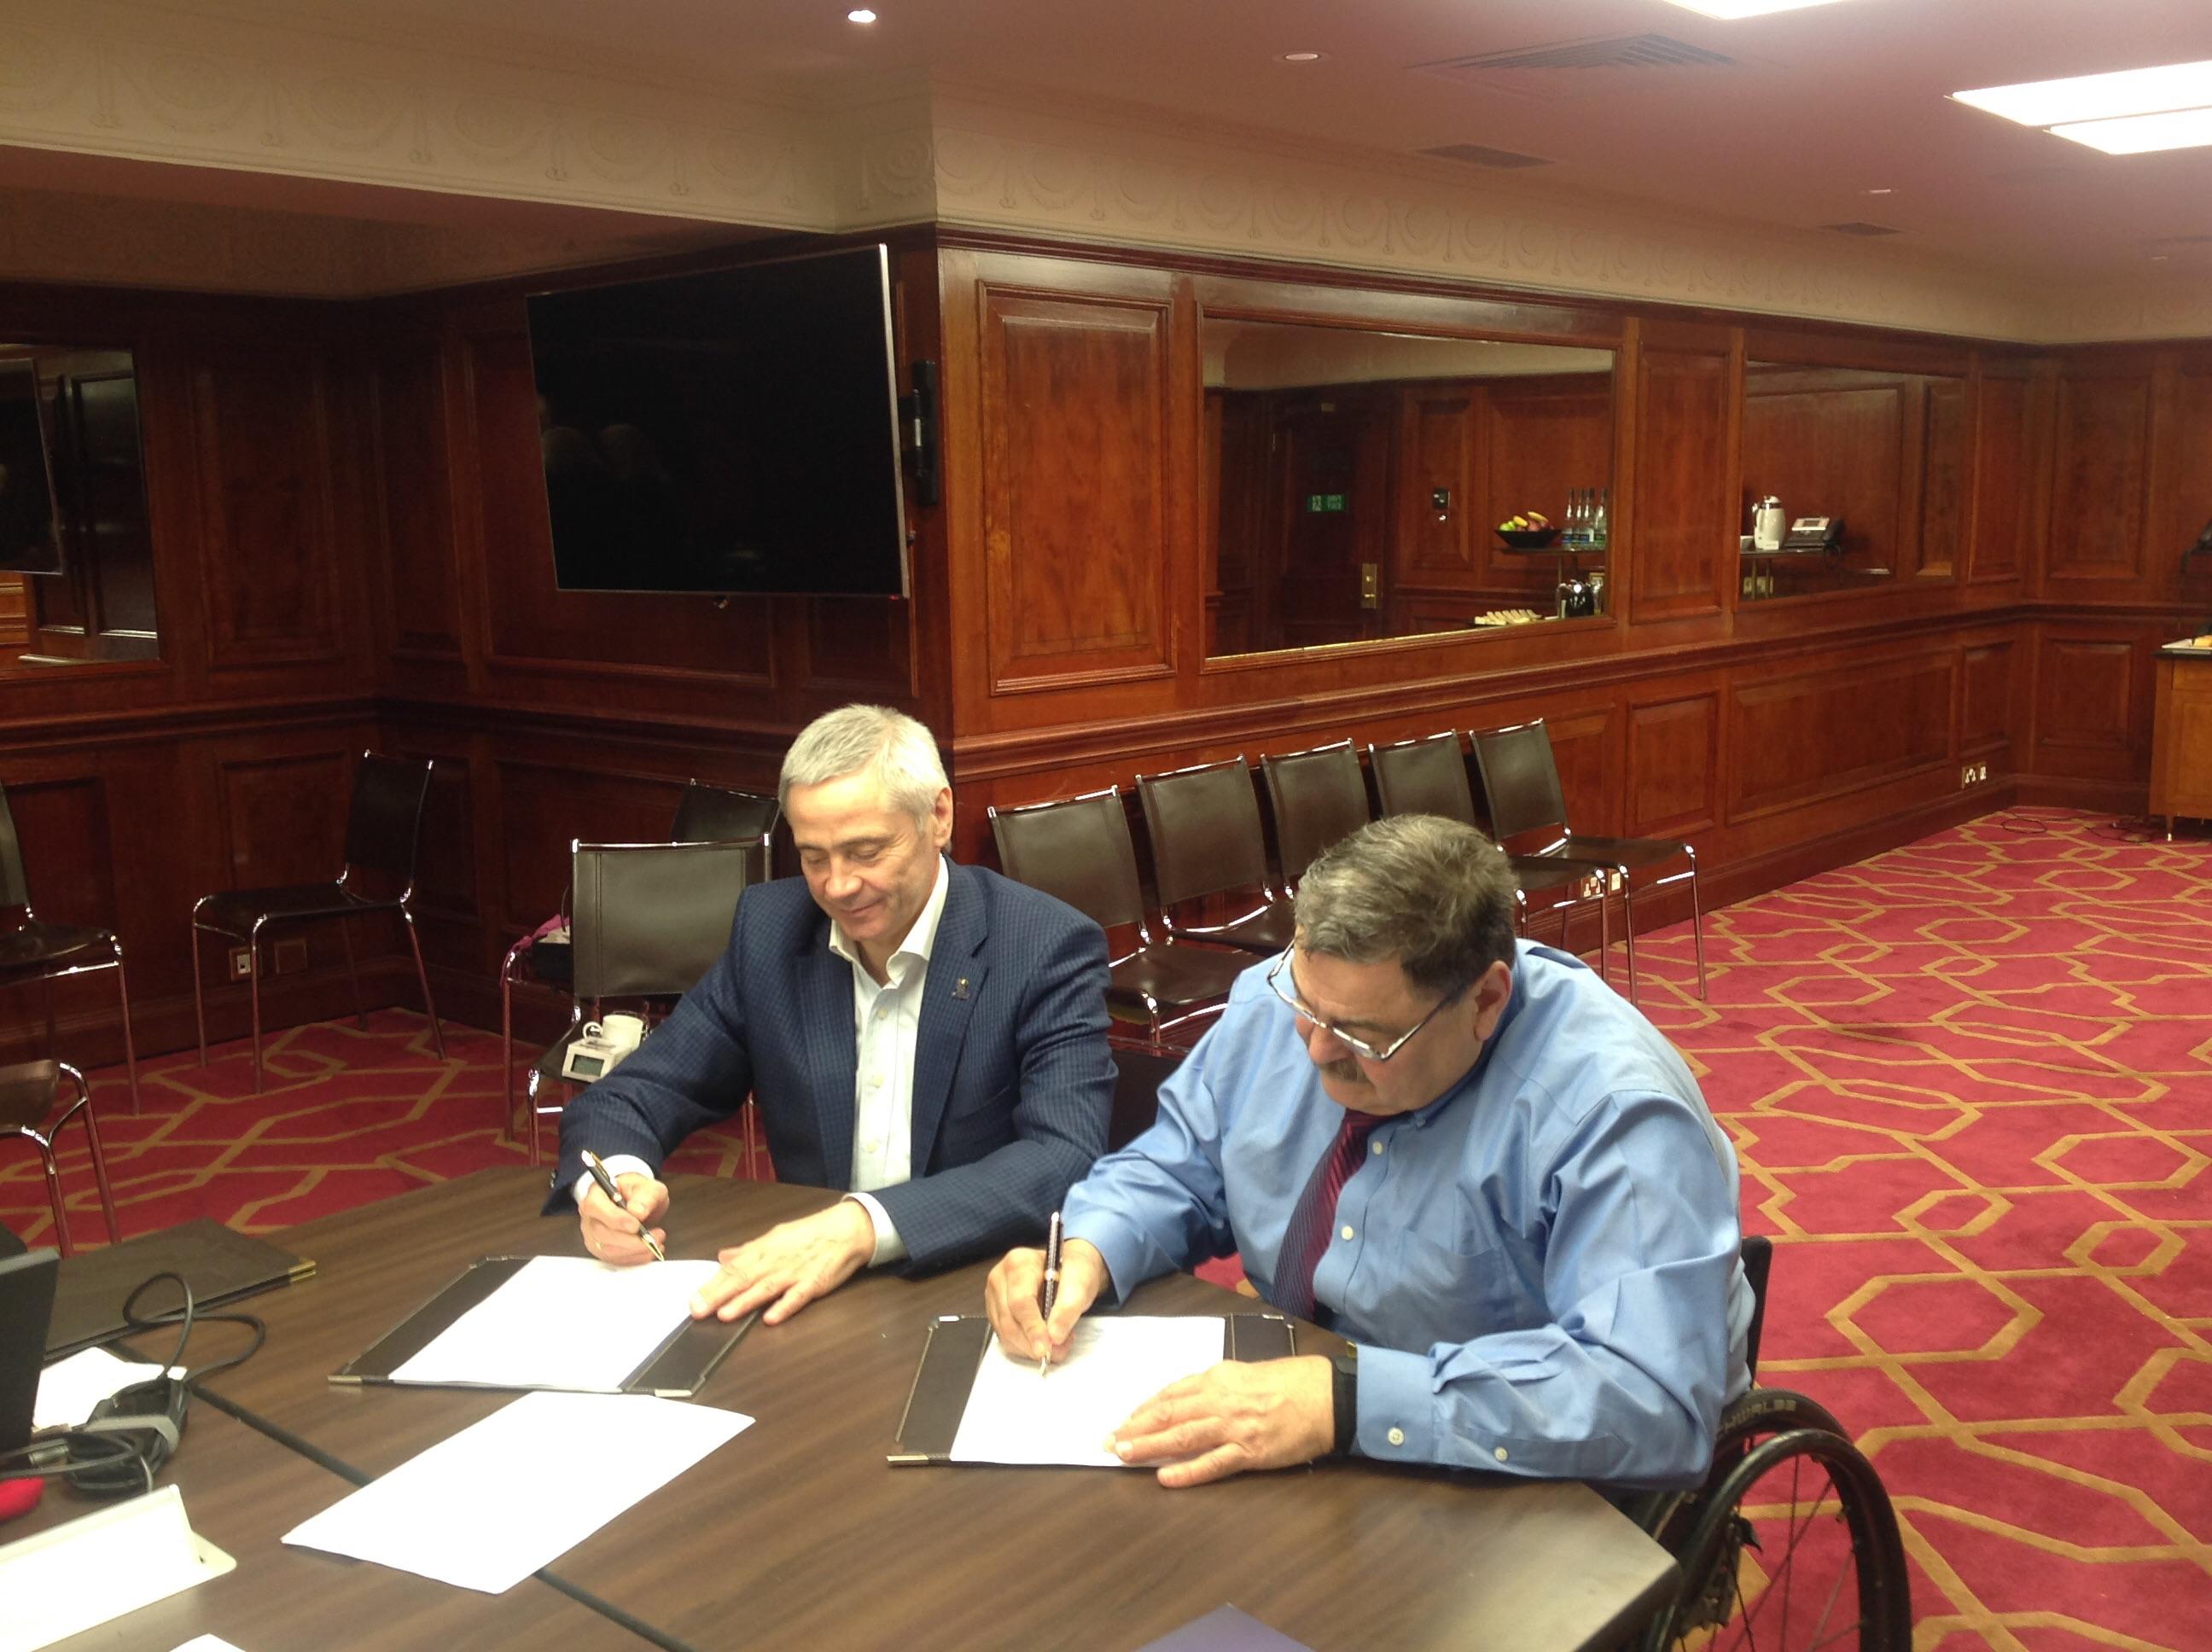 П.А. Рожков и президент IWAS Пол де Пас подписали дополнительное соглашение к основному соглашению о проведении Всемирных игр IWAS, которые пройдут в г. Сочи с 26 сентября по 3 октября 2015 года